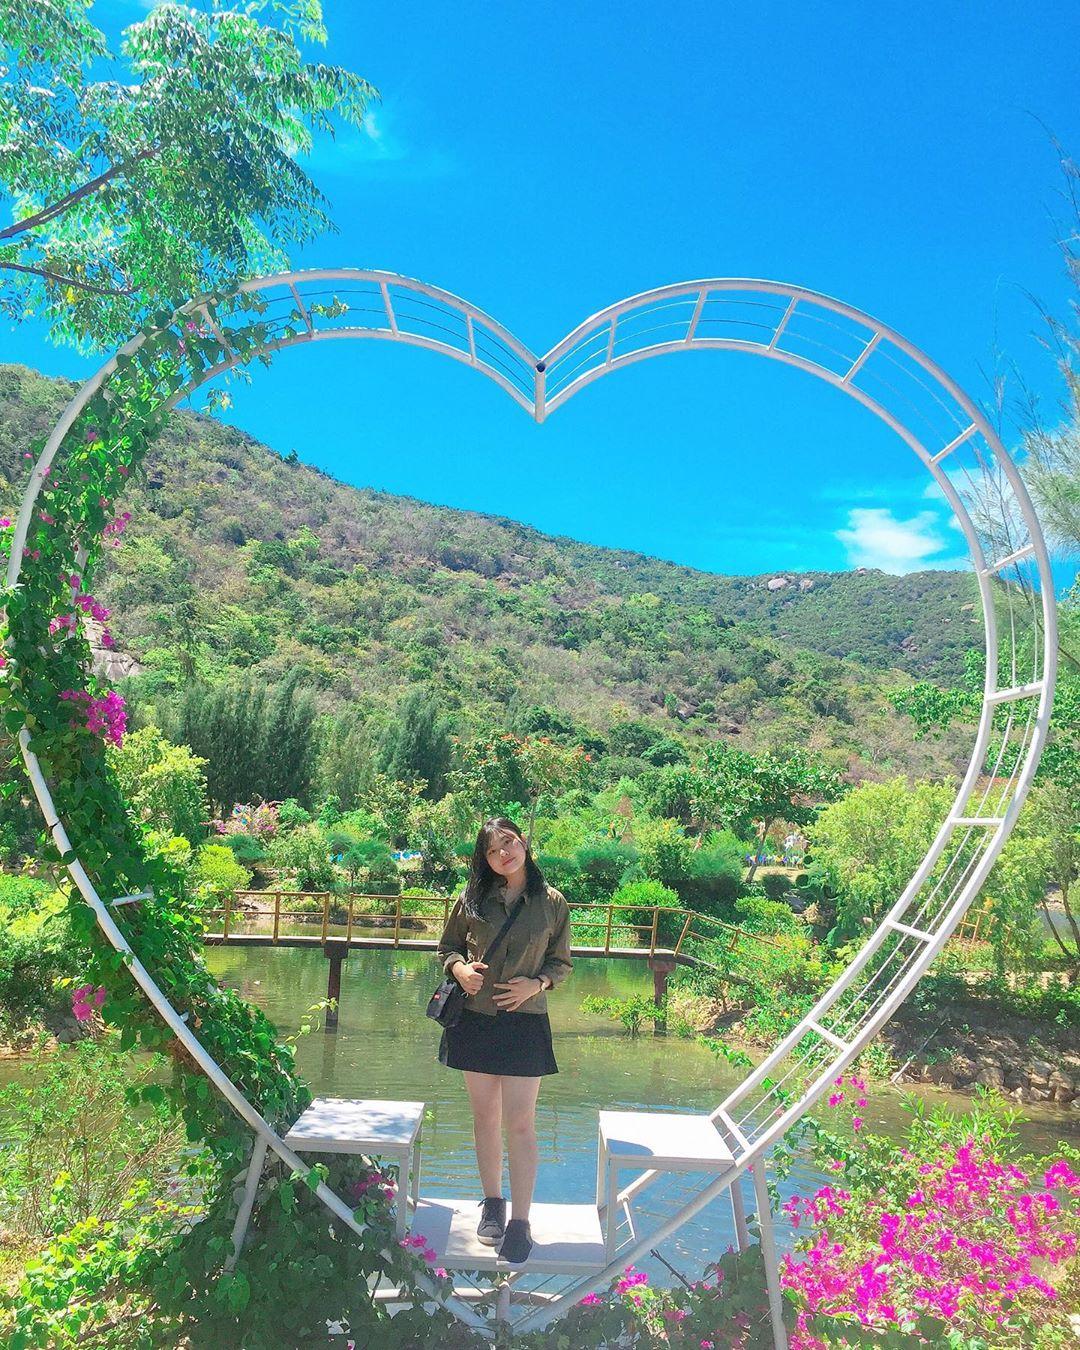 Tour du lịch Nha Trang 1 ngày: Khám phá thiên đường biển đảo với chi phí cực hấp dẫn - Ảnh 11.